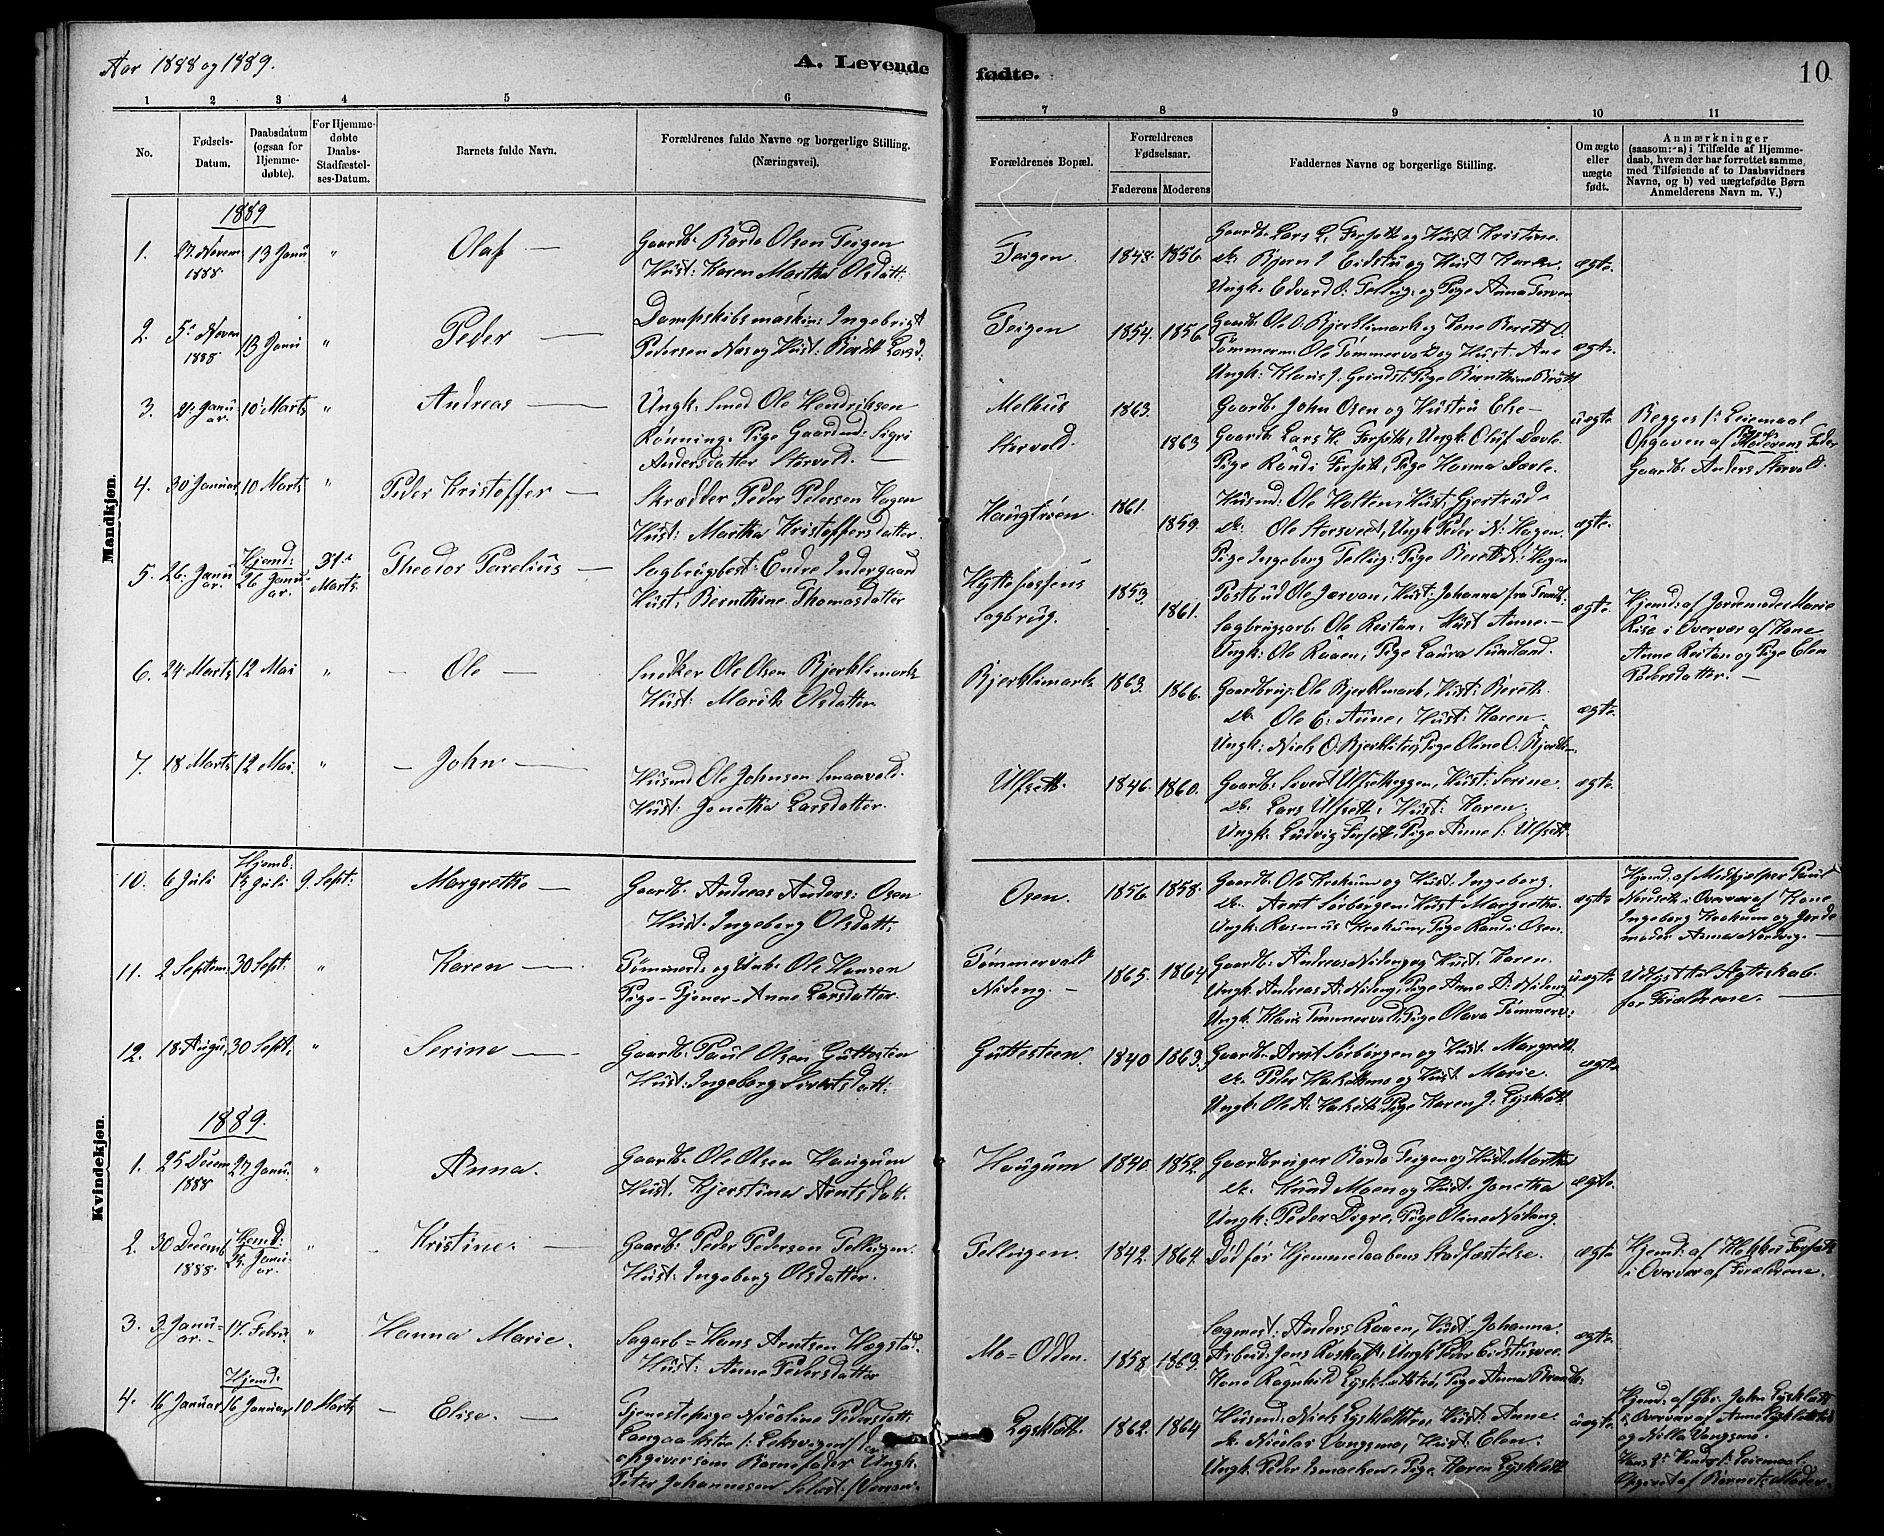 SAT, Ministerialprotokoller, klokkerbøker og fødselsregistre - Sør-Trøndelag, 618/L0452: Klokkerbok nr. 618C03, 1884-1906, s. 10